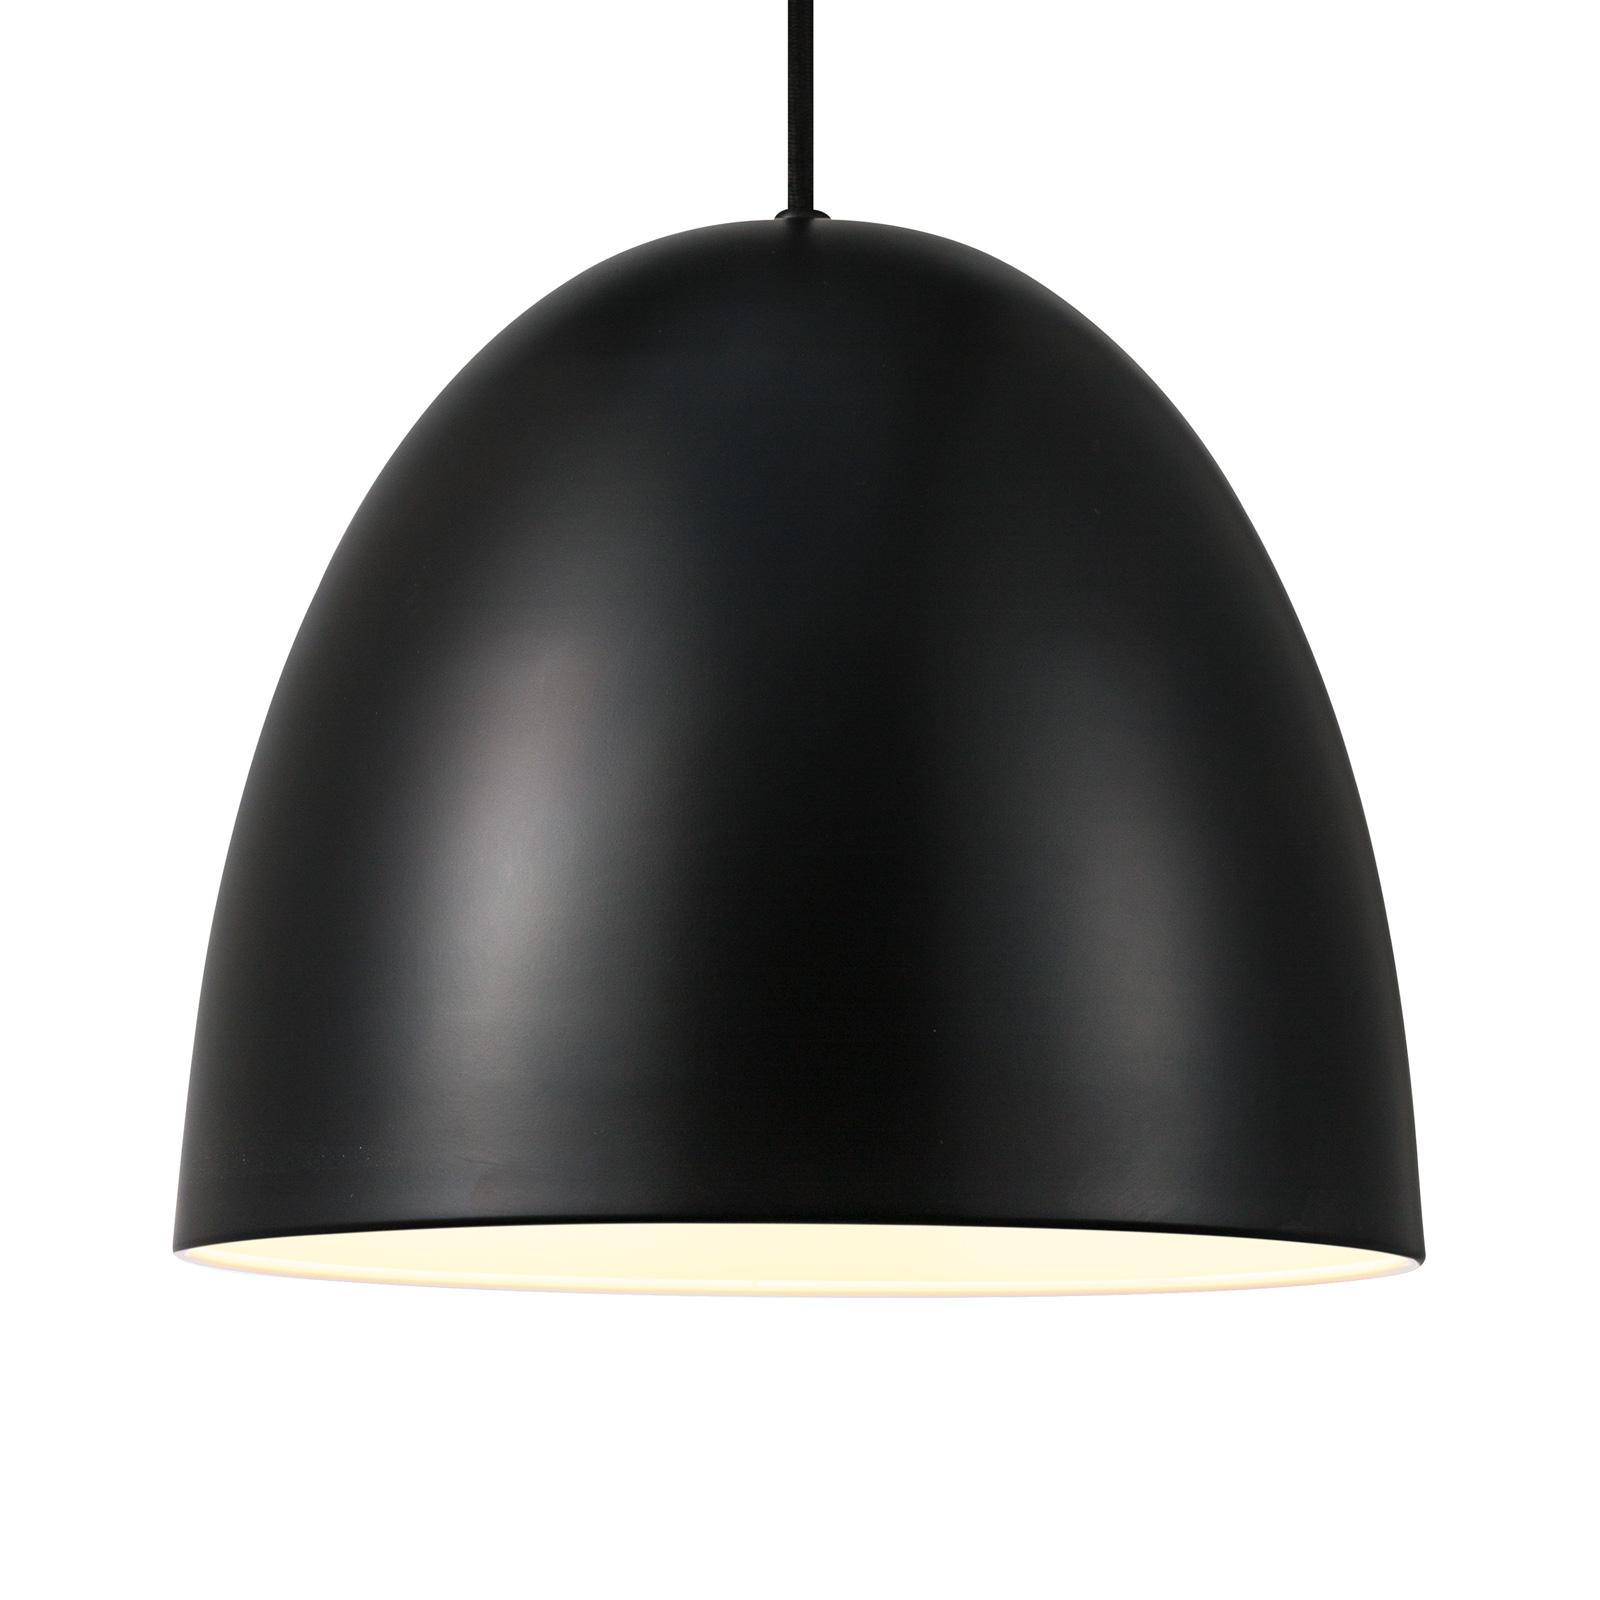 Lampa wisząca Alexander z metalowym kloszem czarna